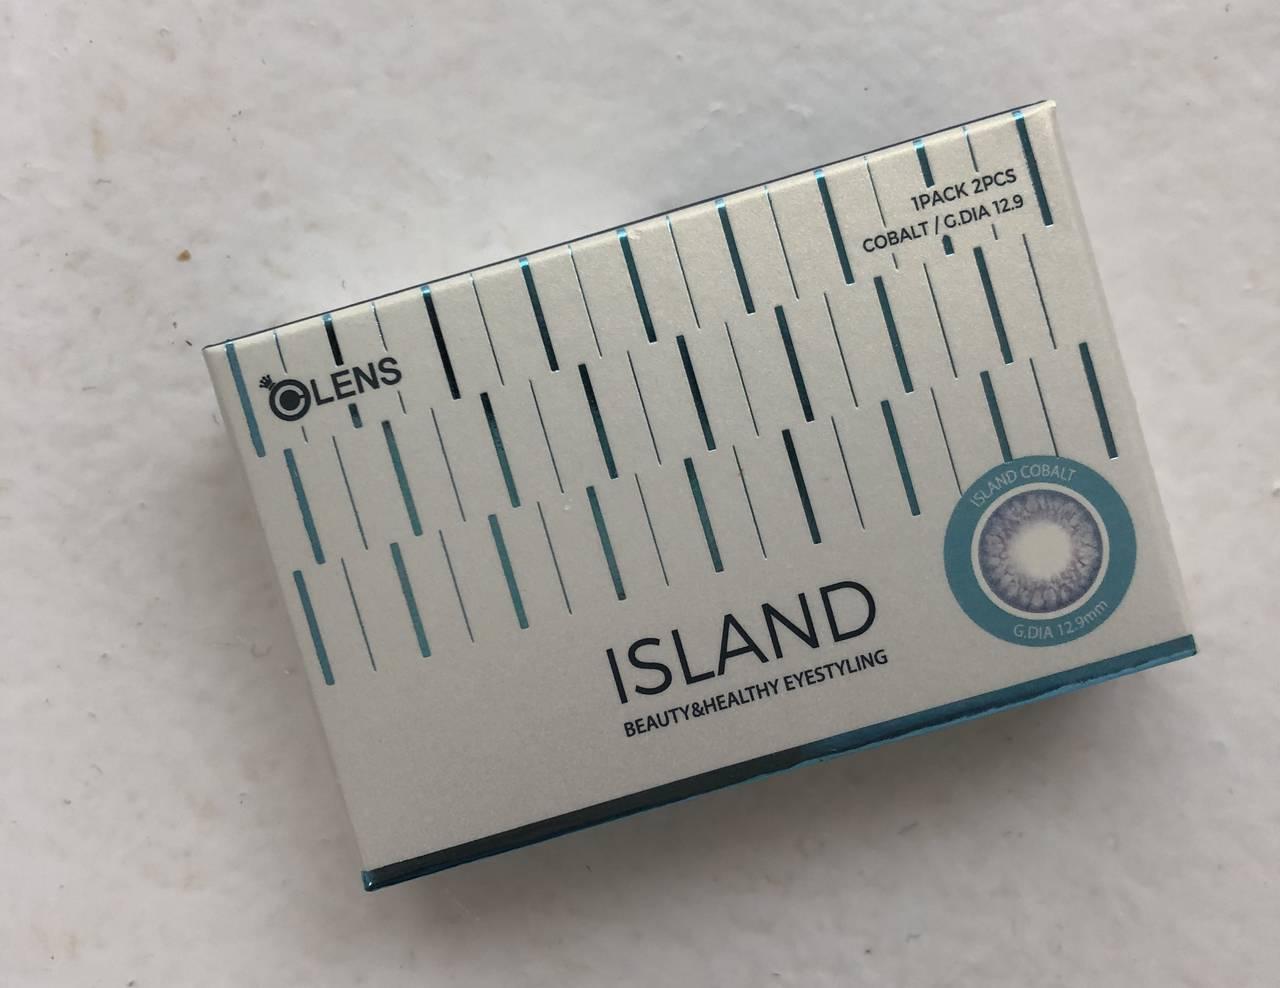 【アイランド コバルトのカラコンレポ】30万個のドットで構成された裸眼のように馴染むブルーカラコン